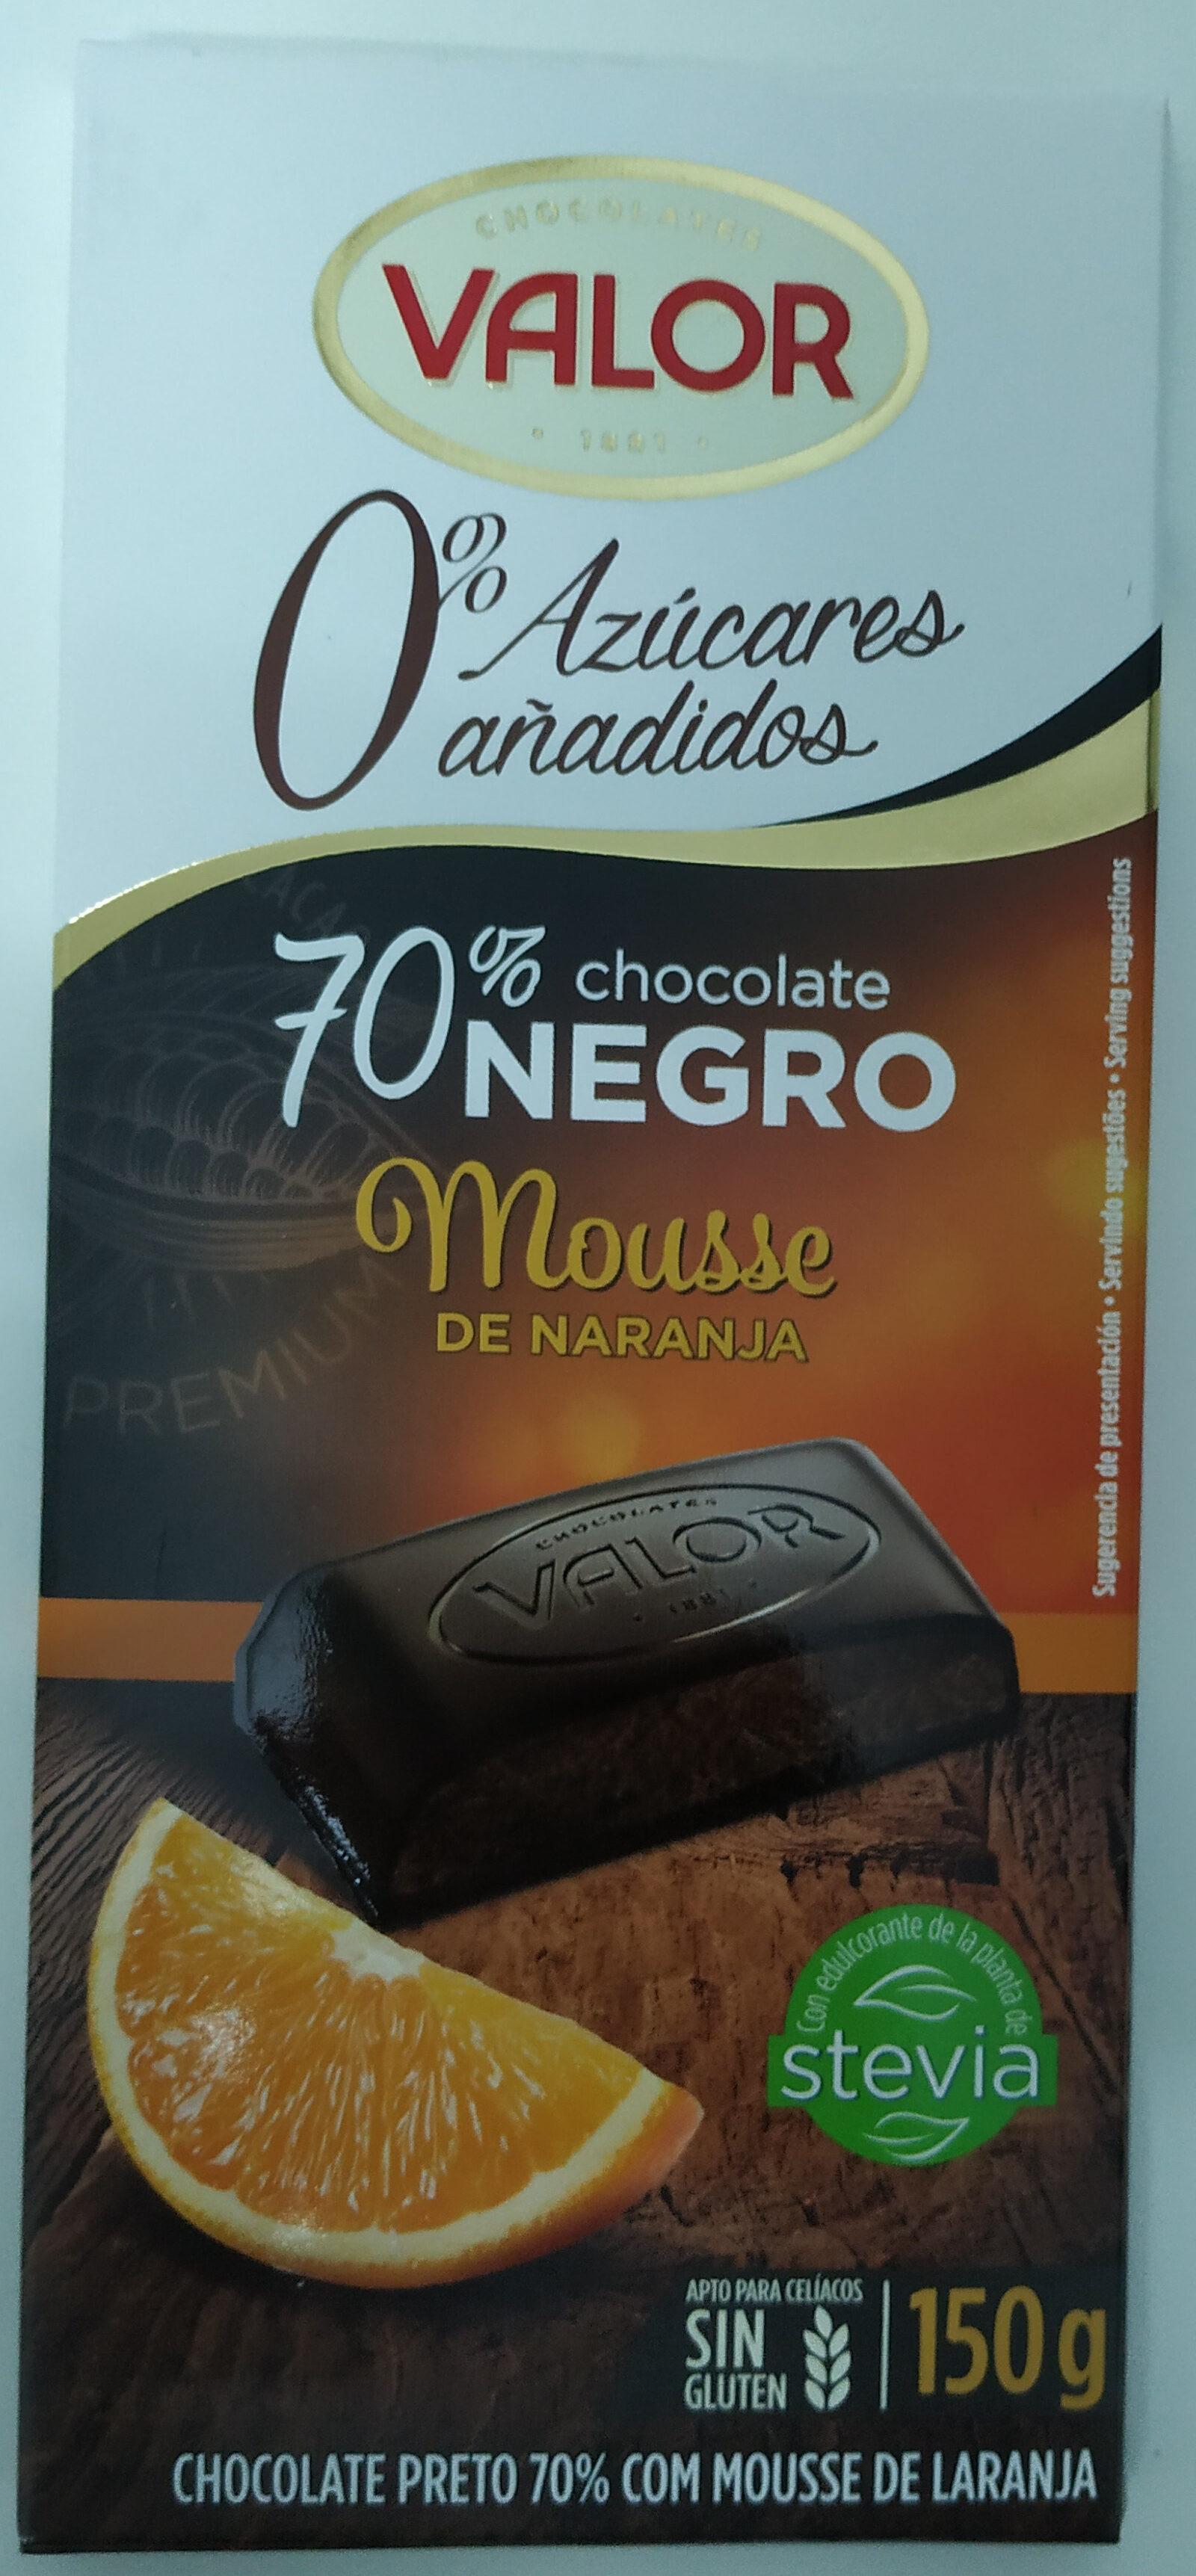 Chocolate negro mousse de naranja - Product